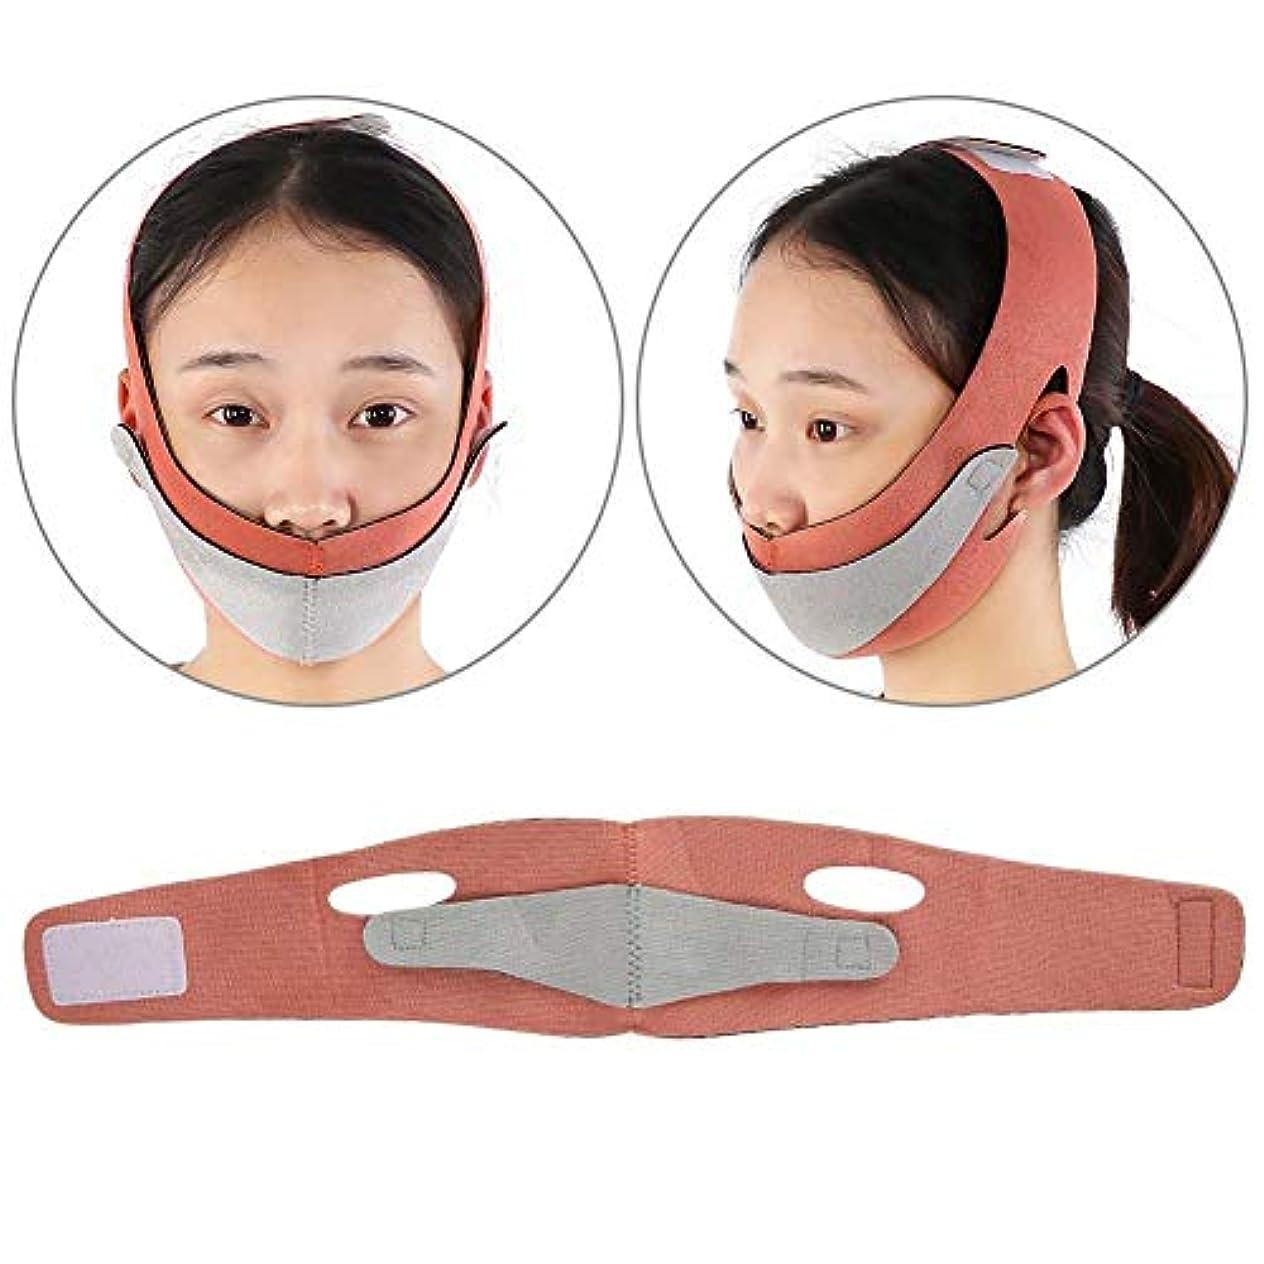 クリエイティブ世界商業の顔の輪郭を改善し、二重あご、脂肪蓄積、筋肉弛緩を効果的に改善するためのVフェイス美容包帯(02)